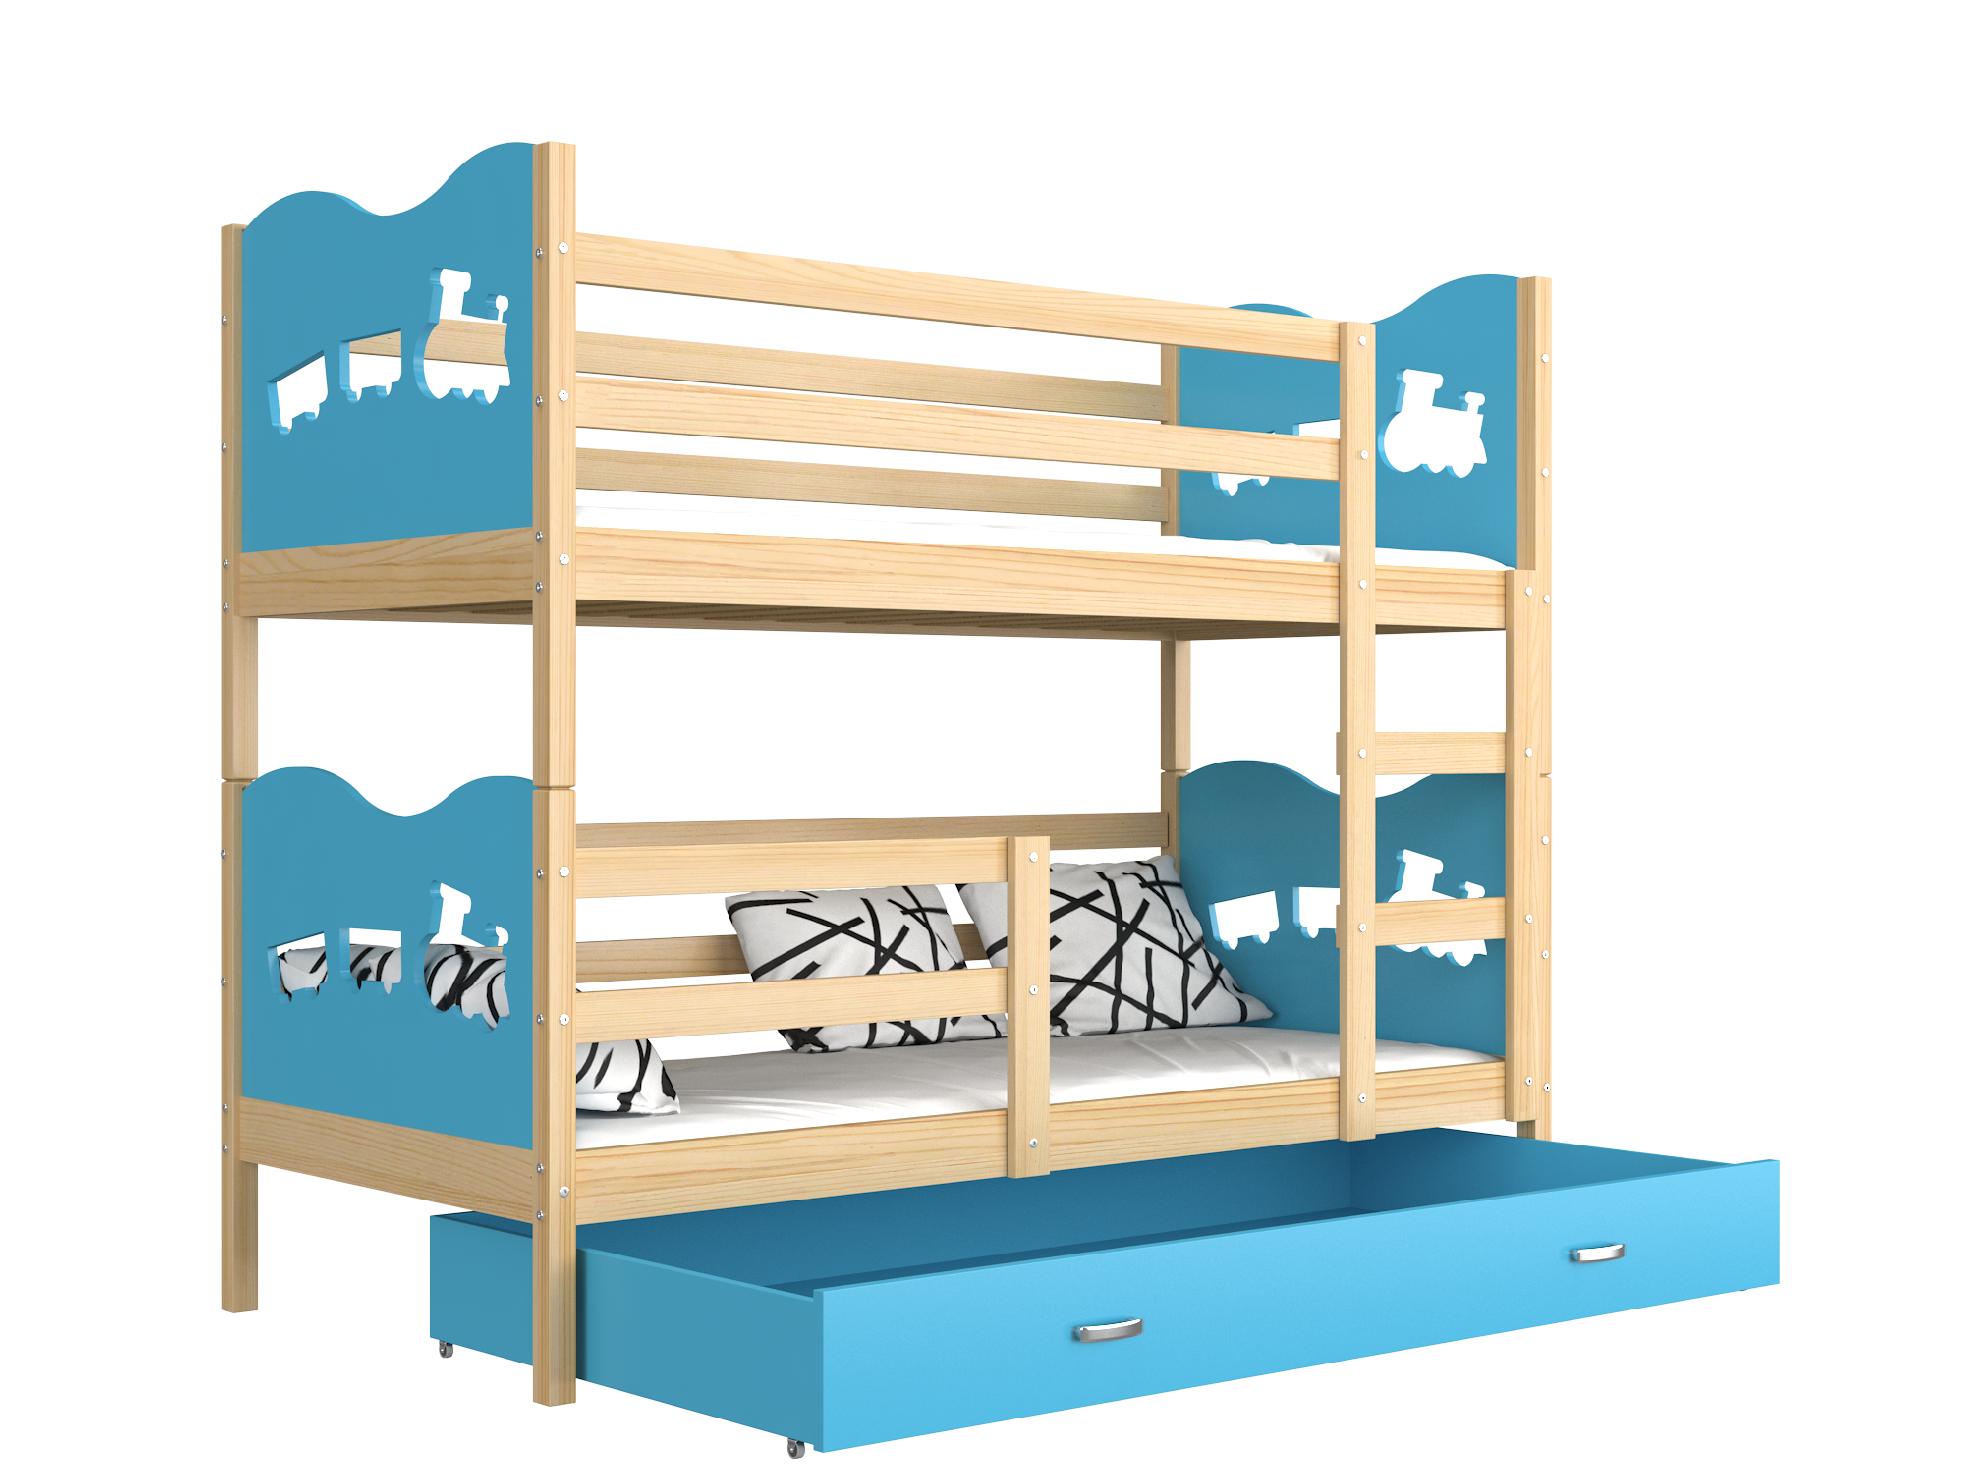 ArtAJ Detská poschodová posteľ MAX drevo / MDF 190 x 80 cm Farba: Borovica / modrá 190 x 80 cm, s matracom